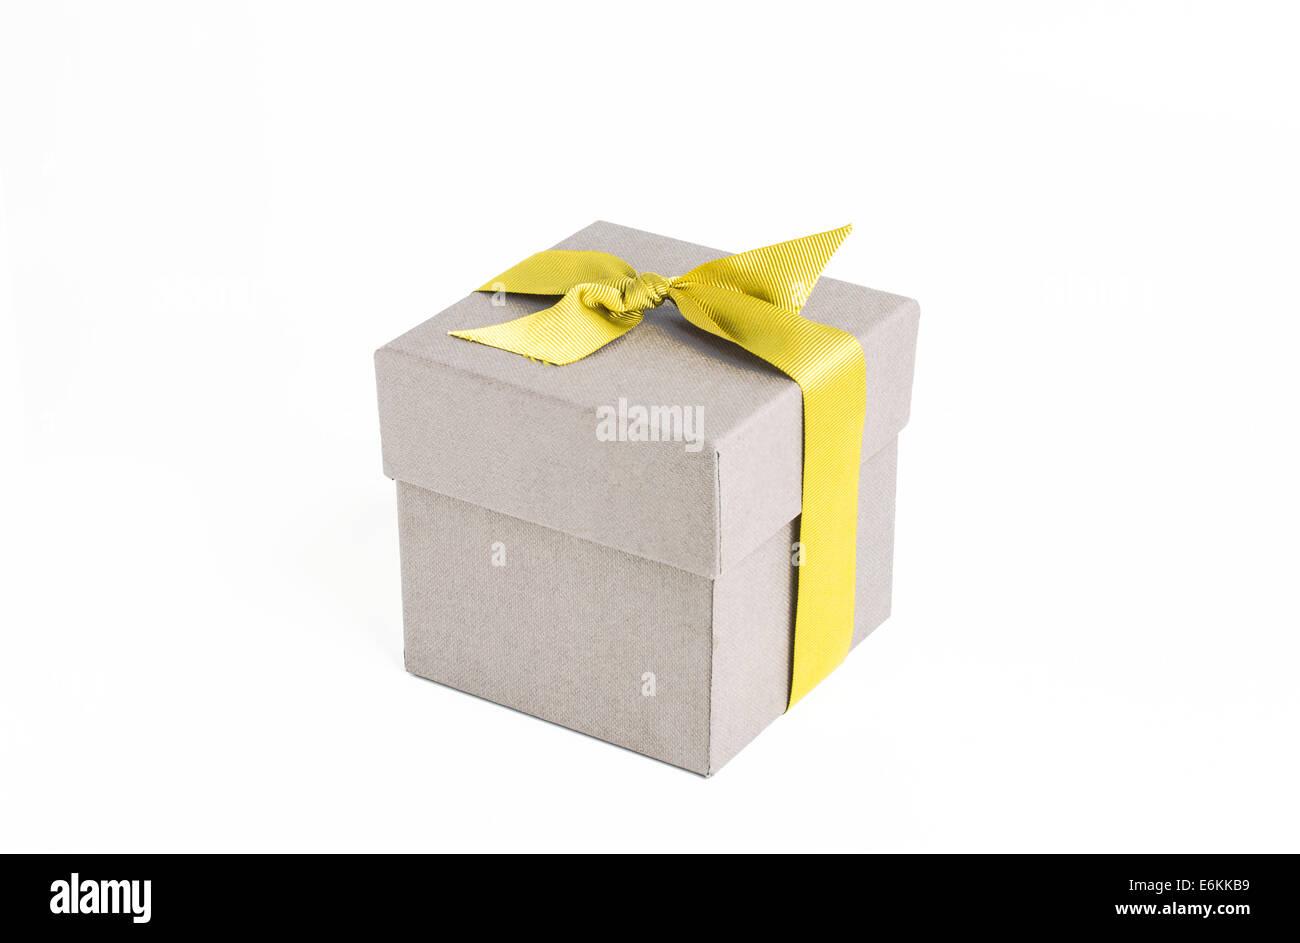 Caja de regalo con cinta amarilla Imagen De Stock